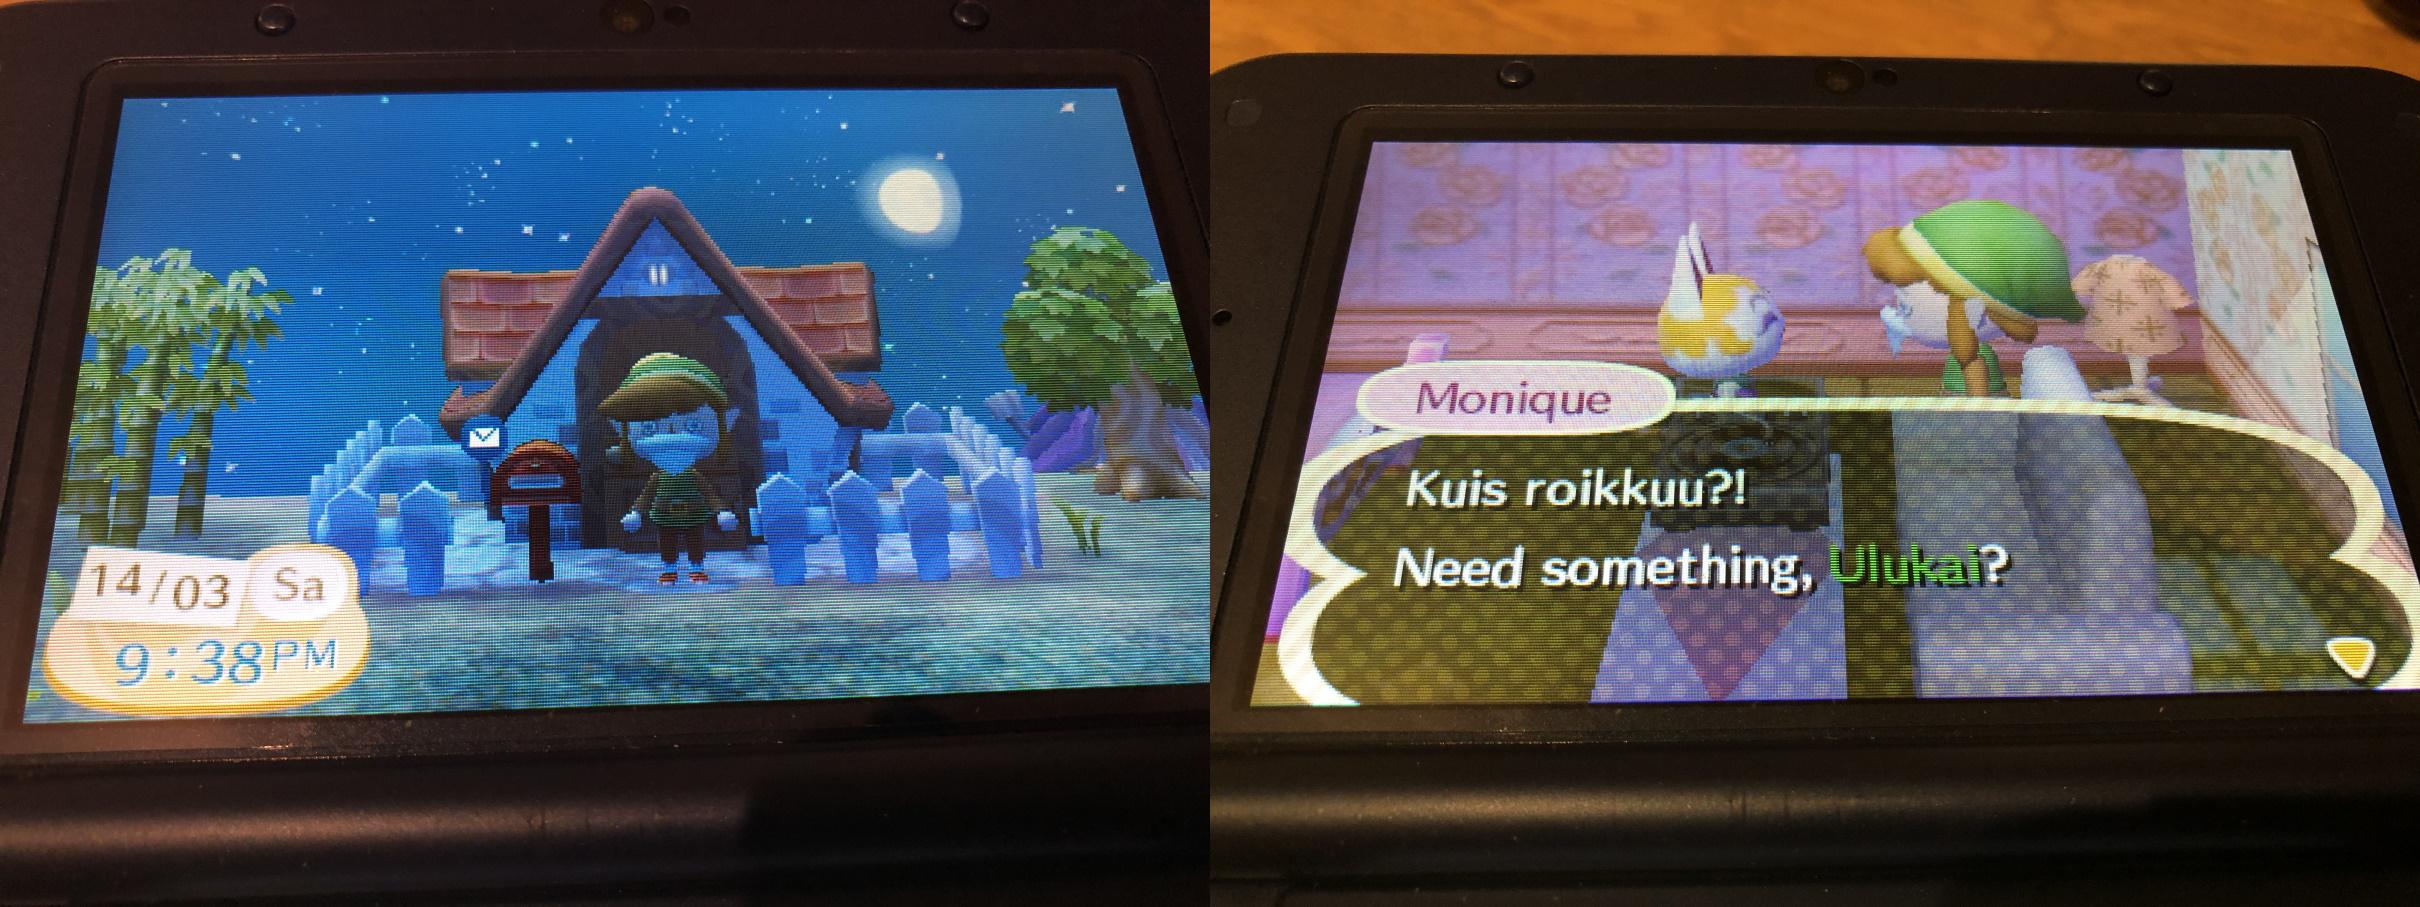 Paluu Animal Crossing -kylään 5.1